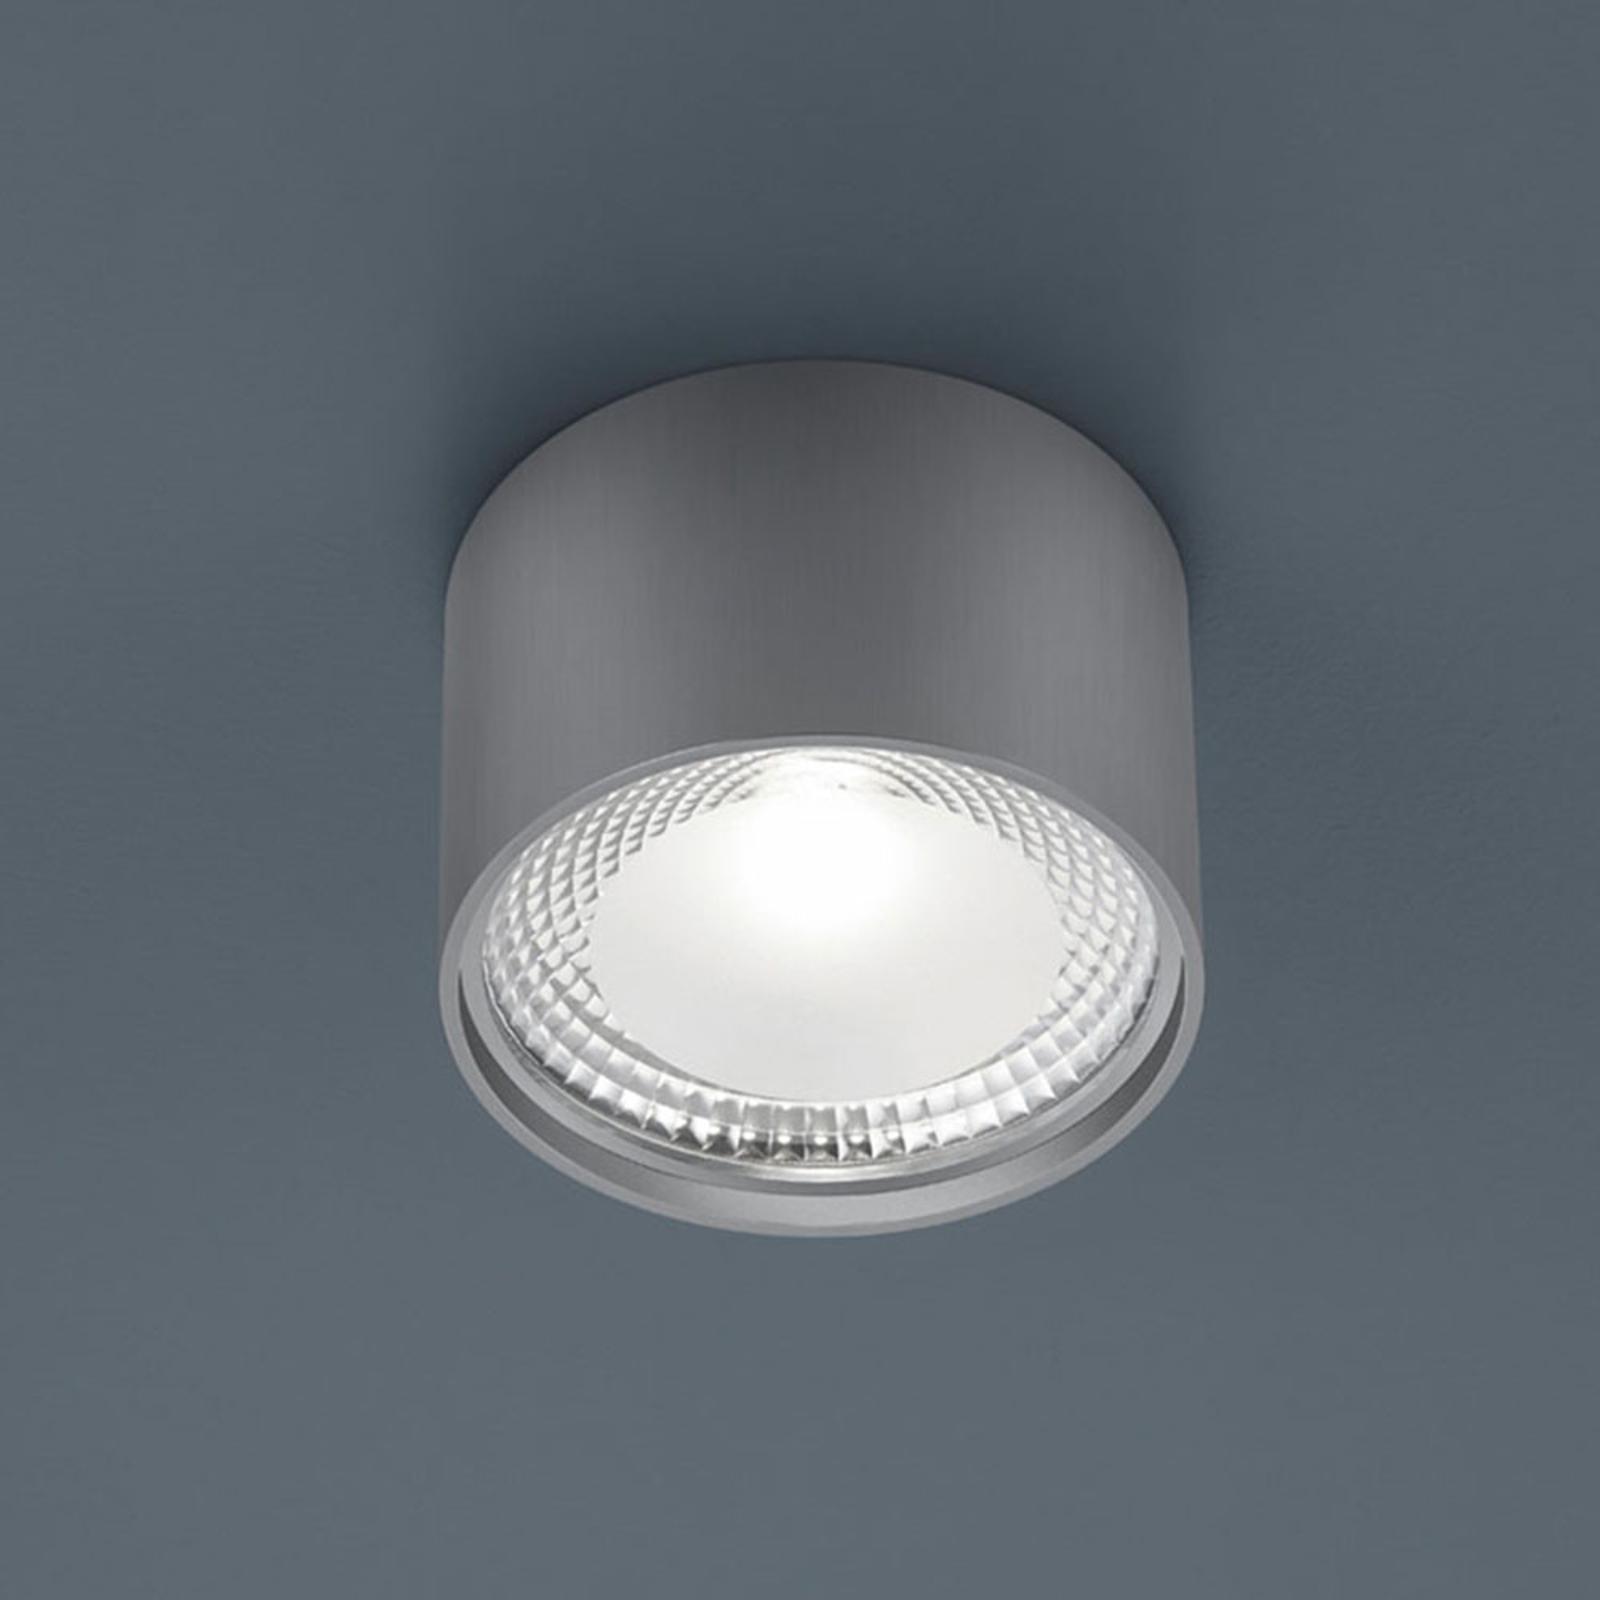 Helestra Kari LED-Deckenleuchte, rund, nickel